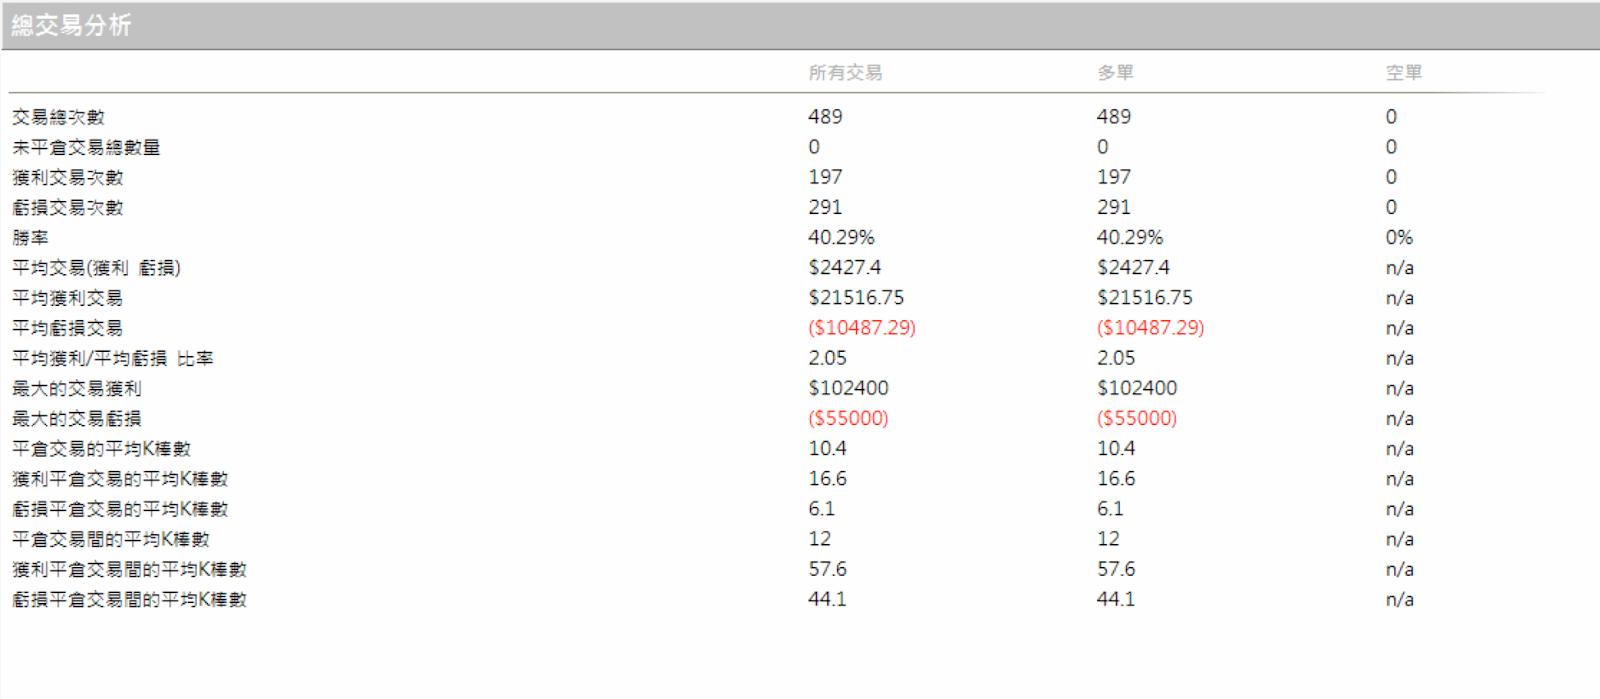 Screen Shot 2014-10-13 at 10.50.09 AM.png